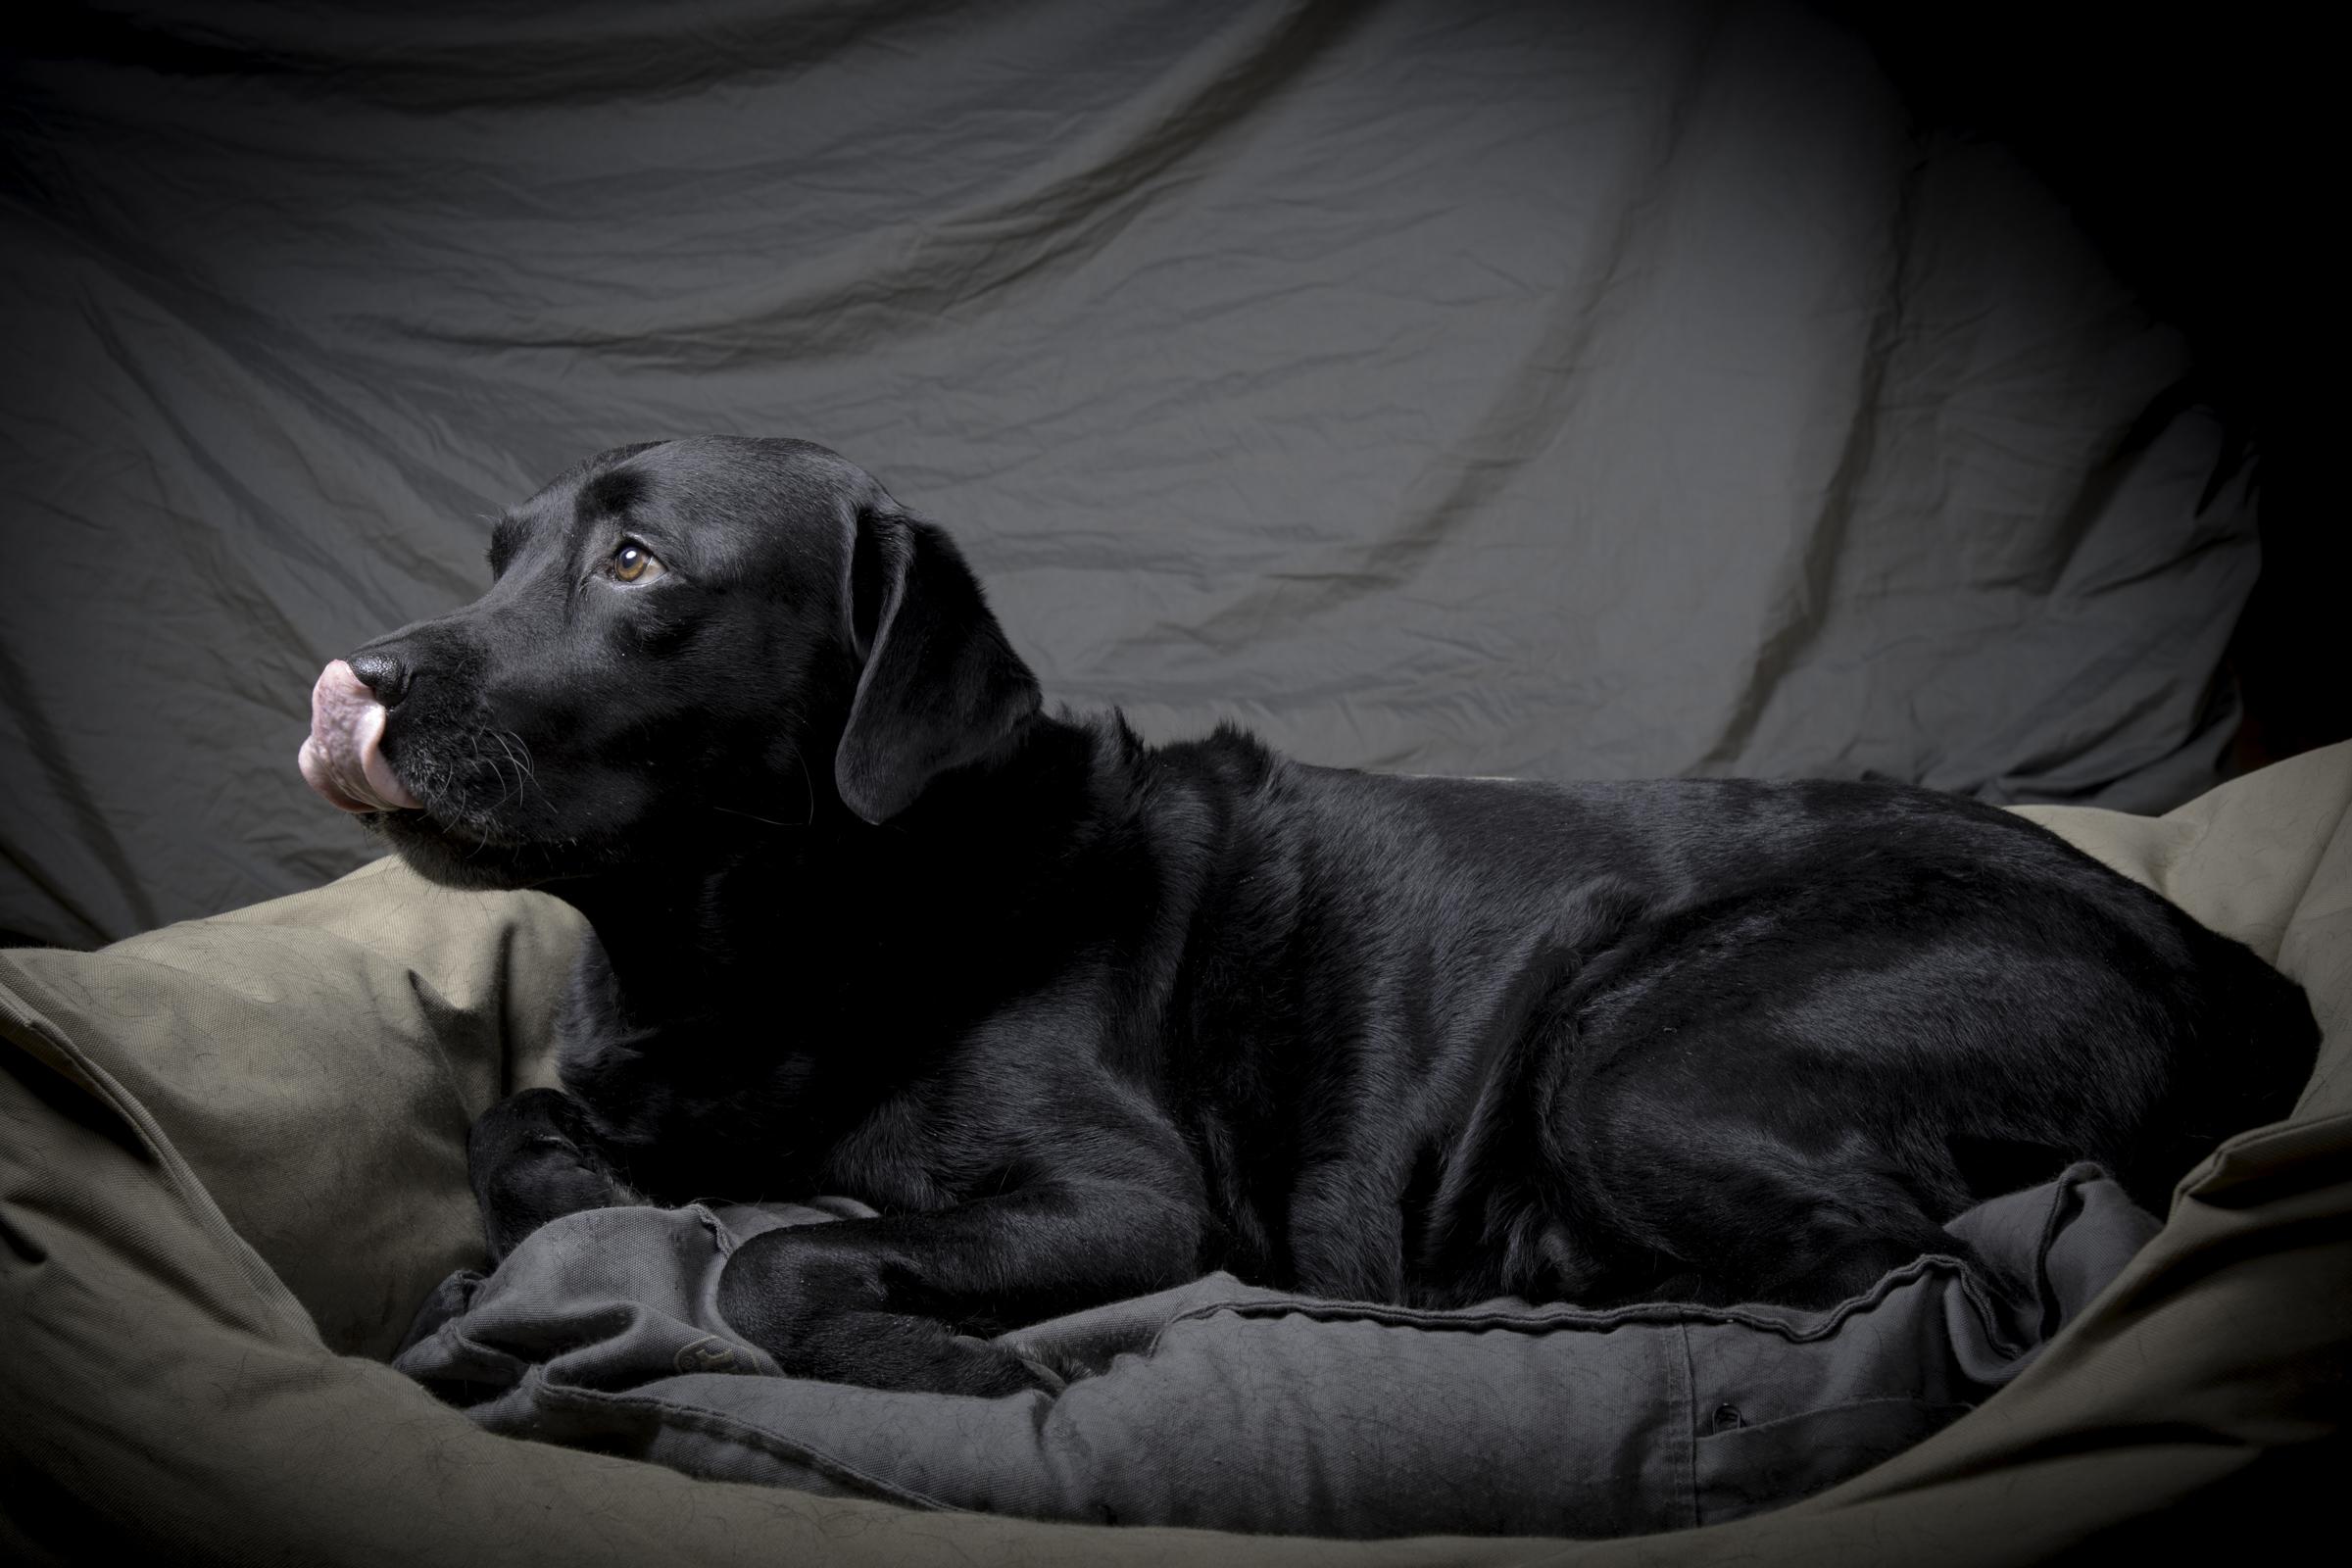 Marley labrador synes det blir mye lys med studioblitz. Foto: Kristin B. Bruun